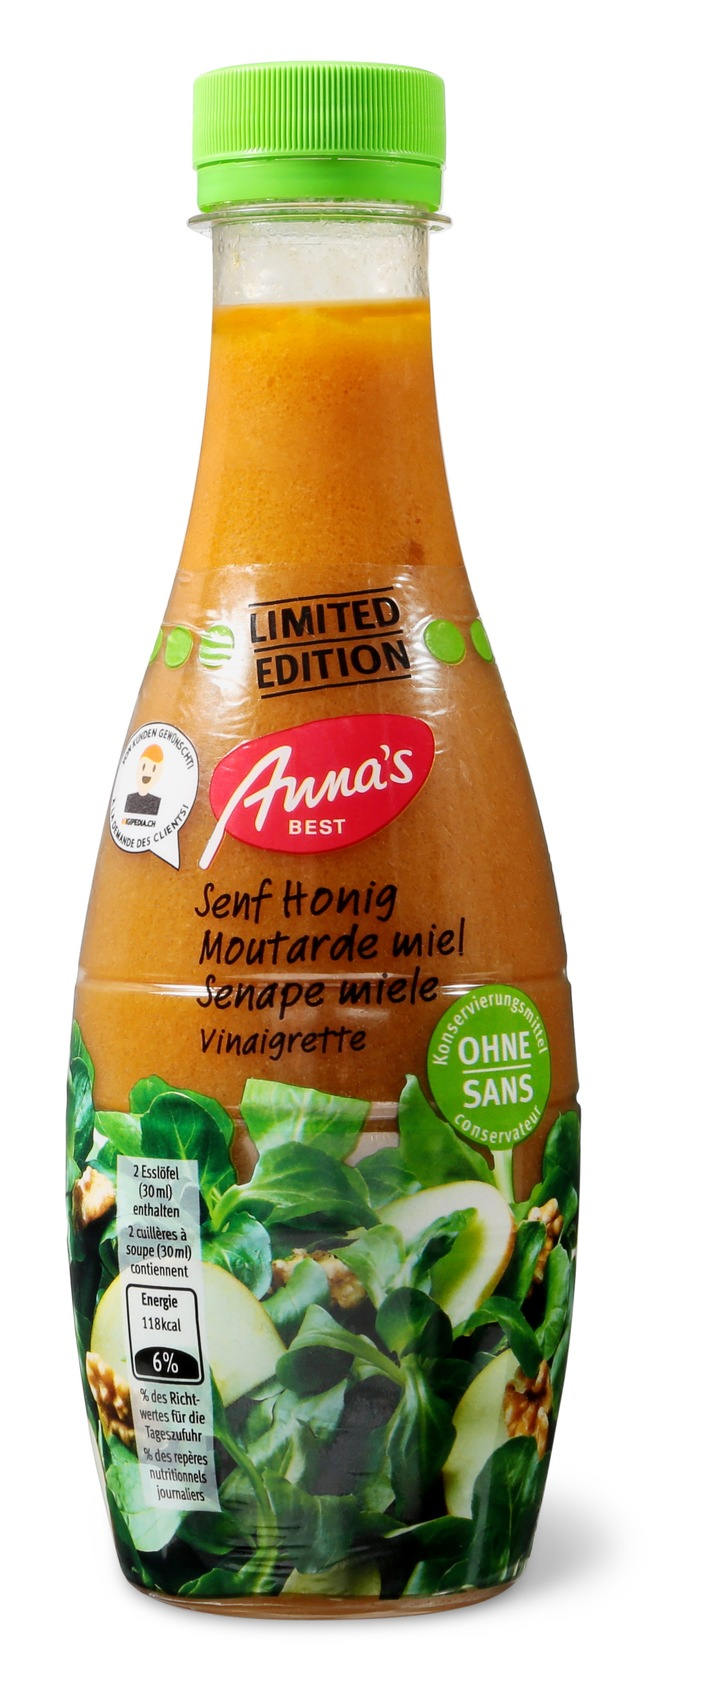 Migros rappelle la vinaigrette moutarde-miel Anna's Best